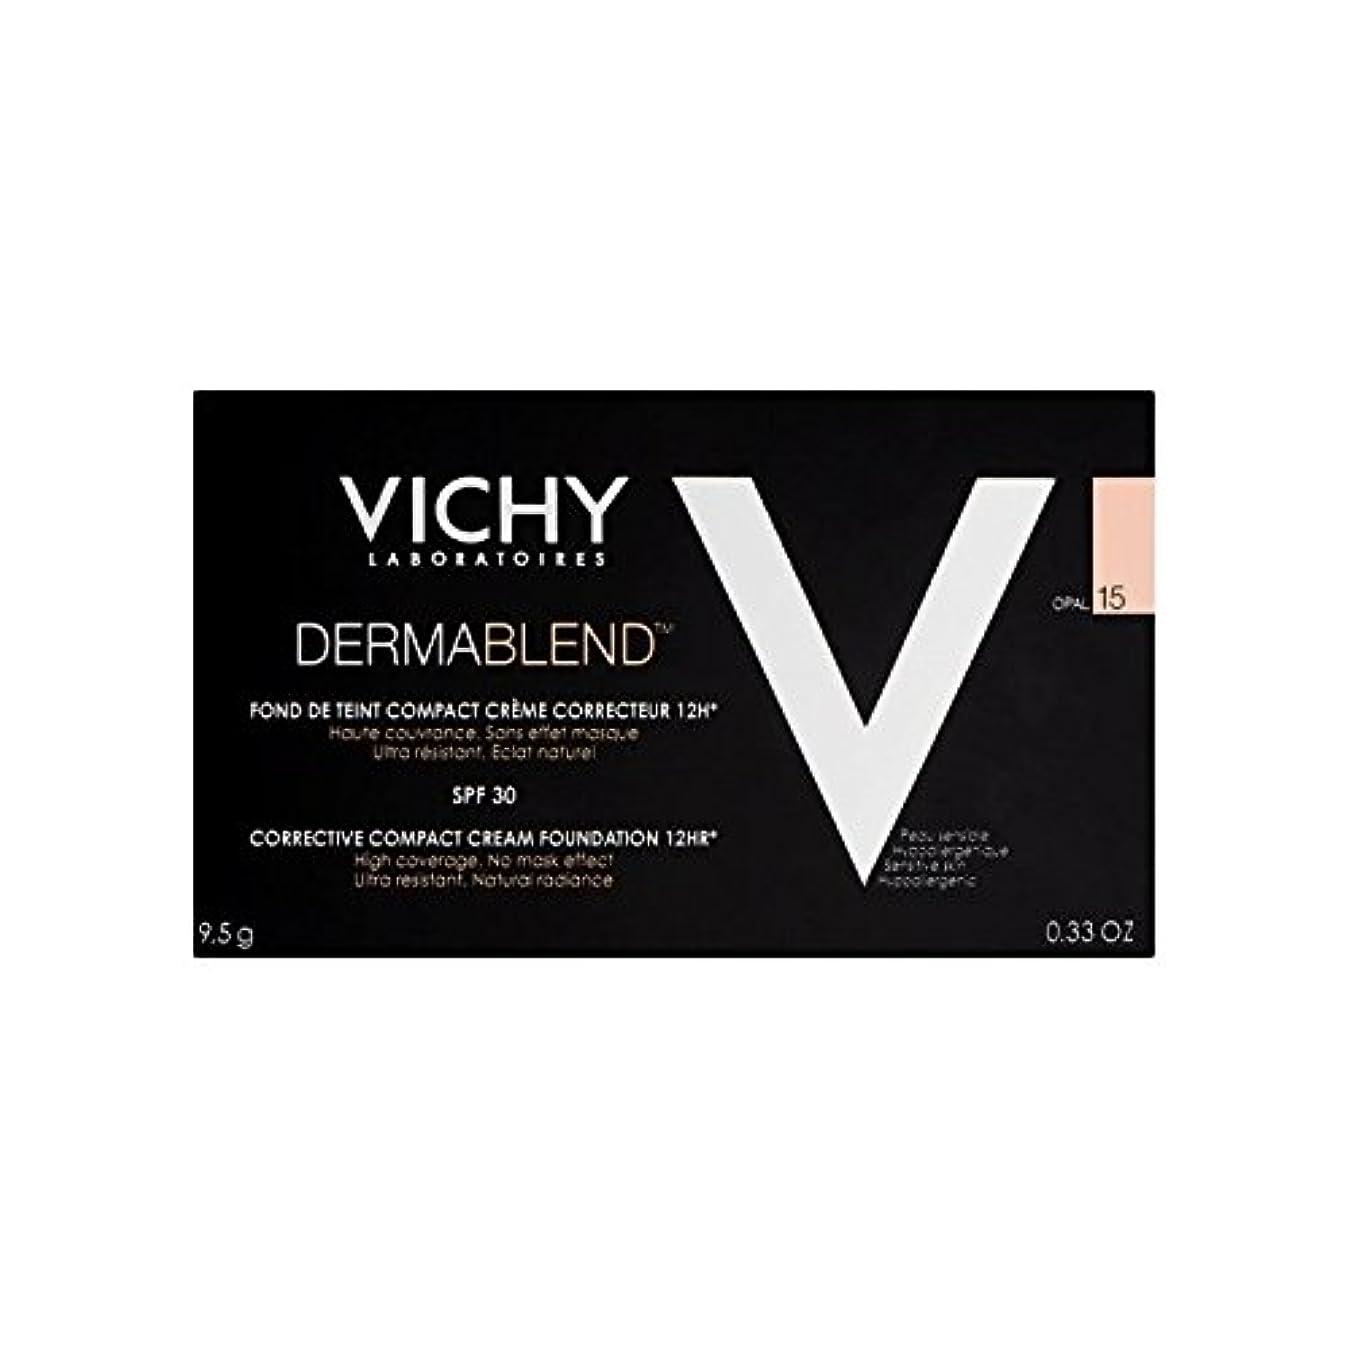 アトラス消毒するチケットVichy Dermablend Corrective Compact Cream Foundation Opal 15 - ヴィシー是正コンパクトクリームファンデーションオパール15 [並行輸入品]